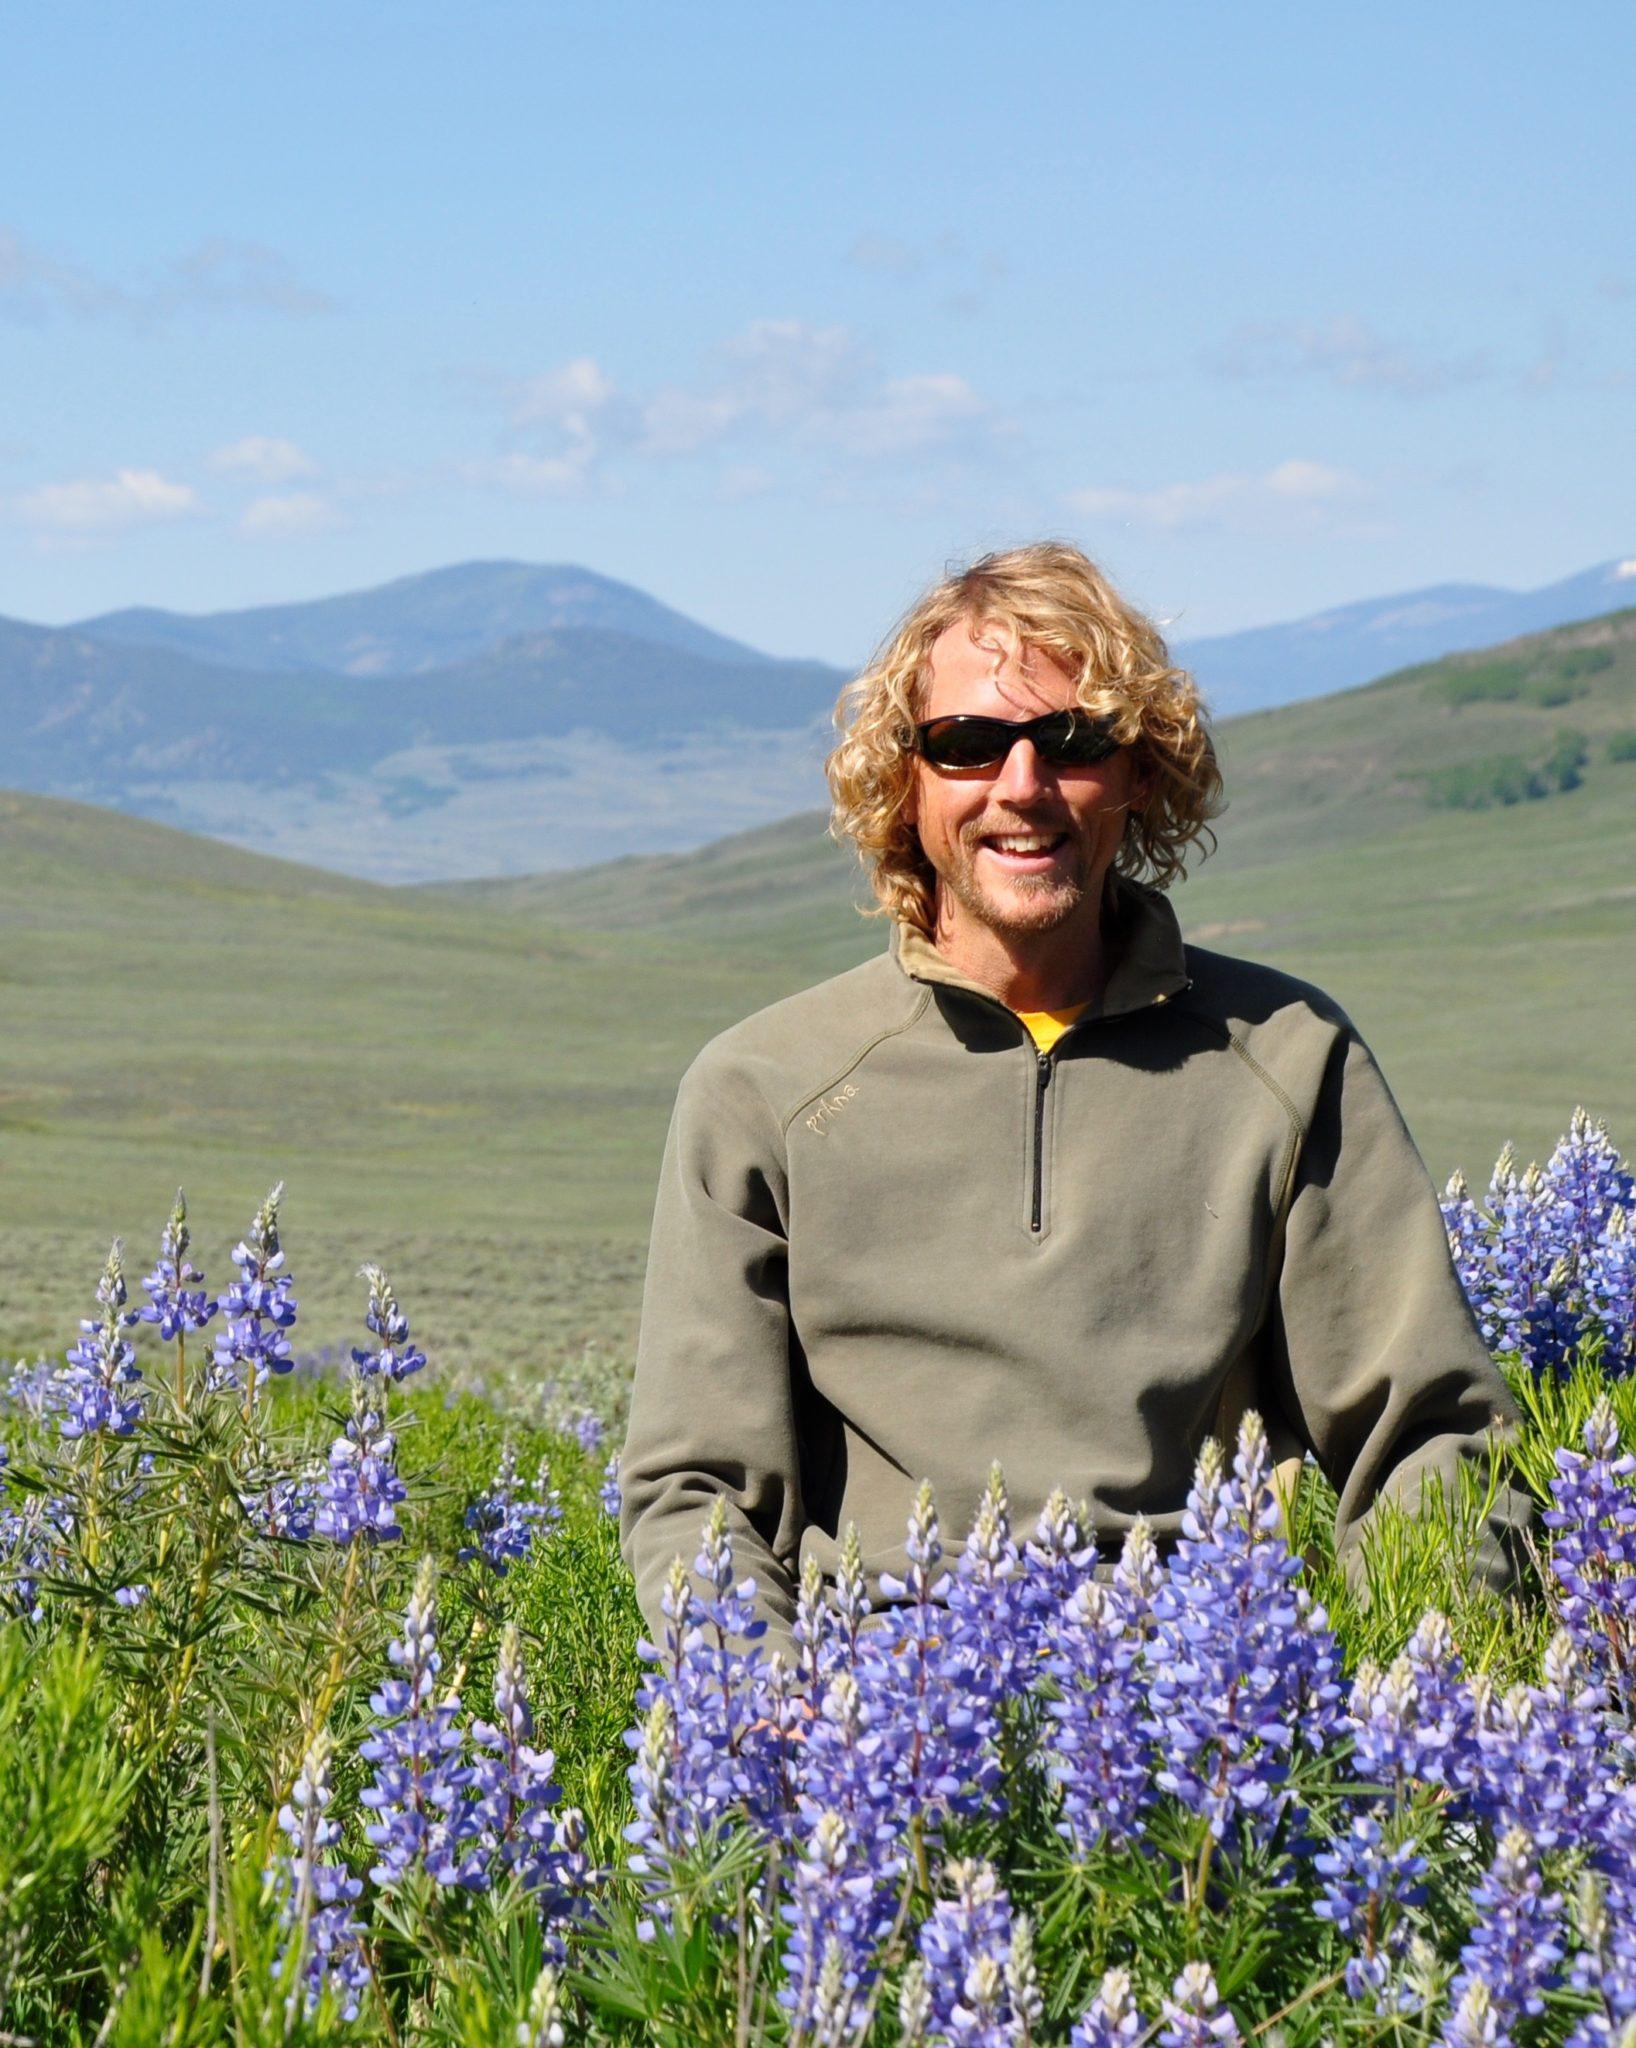 Brad Kahland